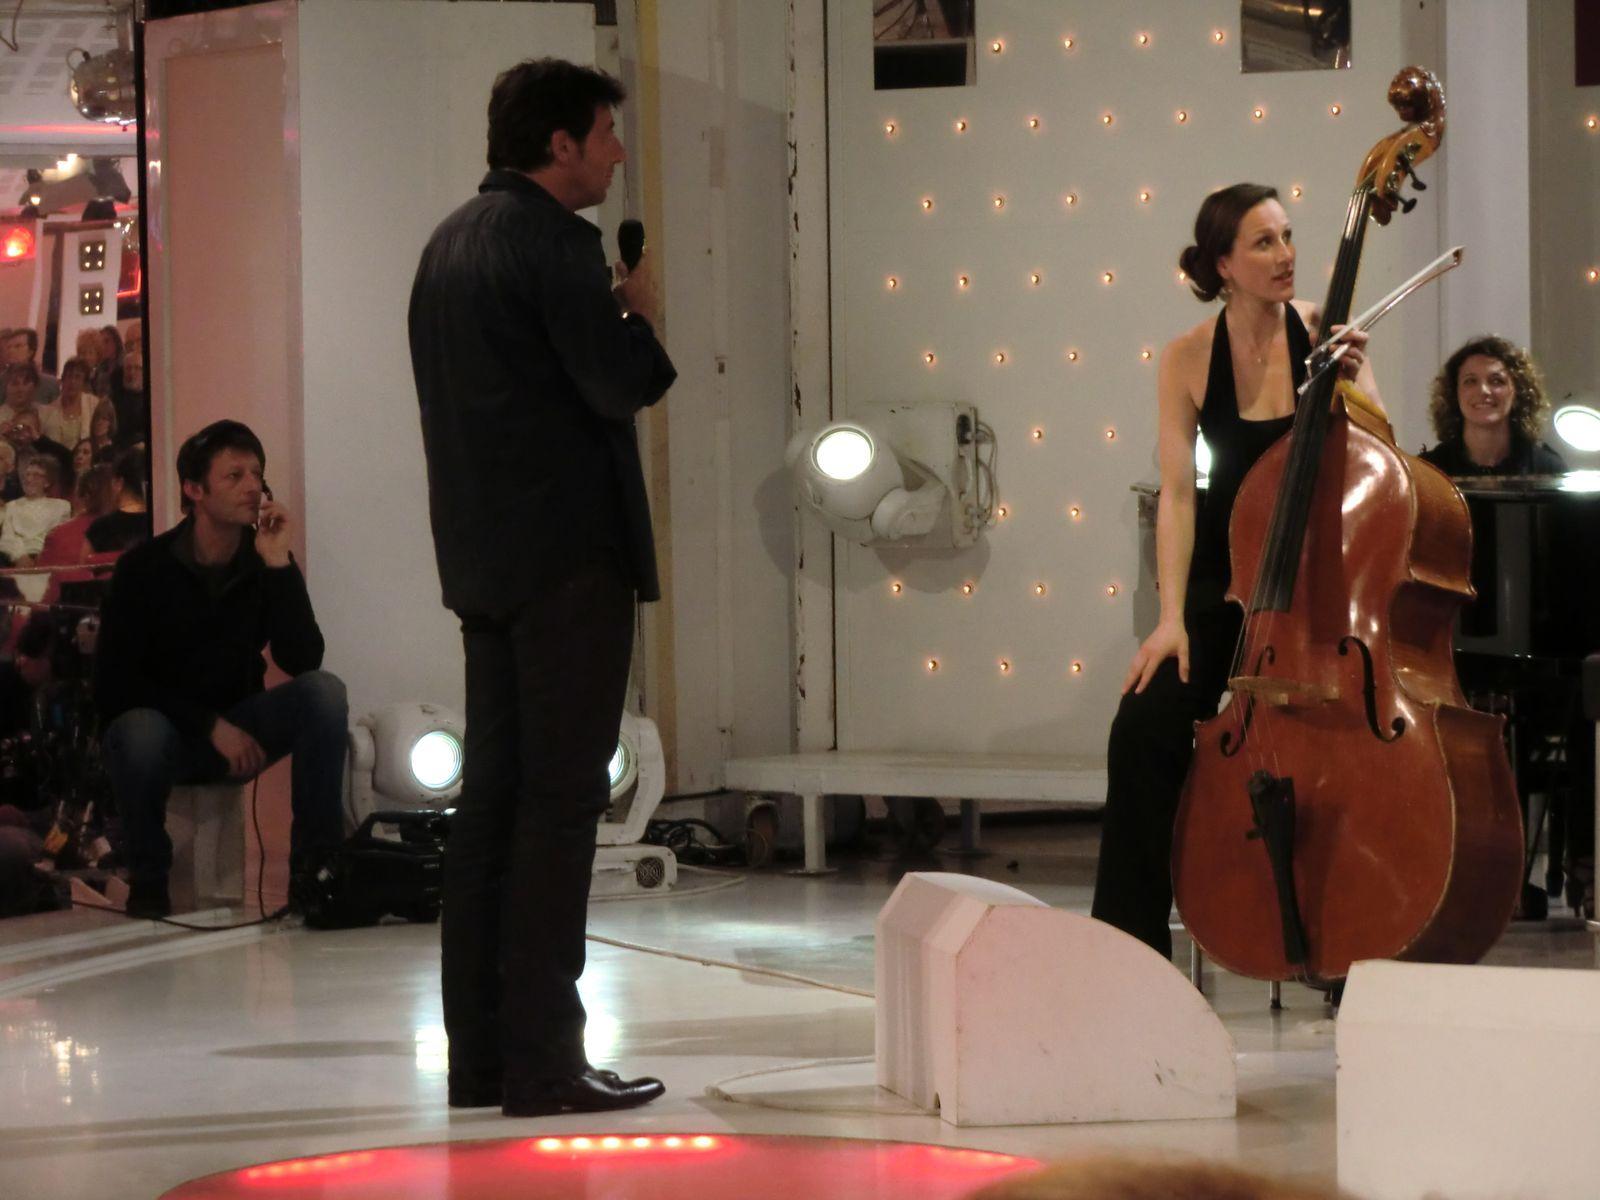 Patrick attend, les musiciens qui accordent leurs instruments